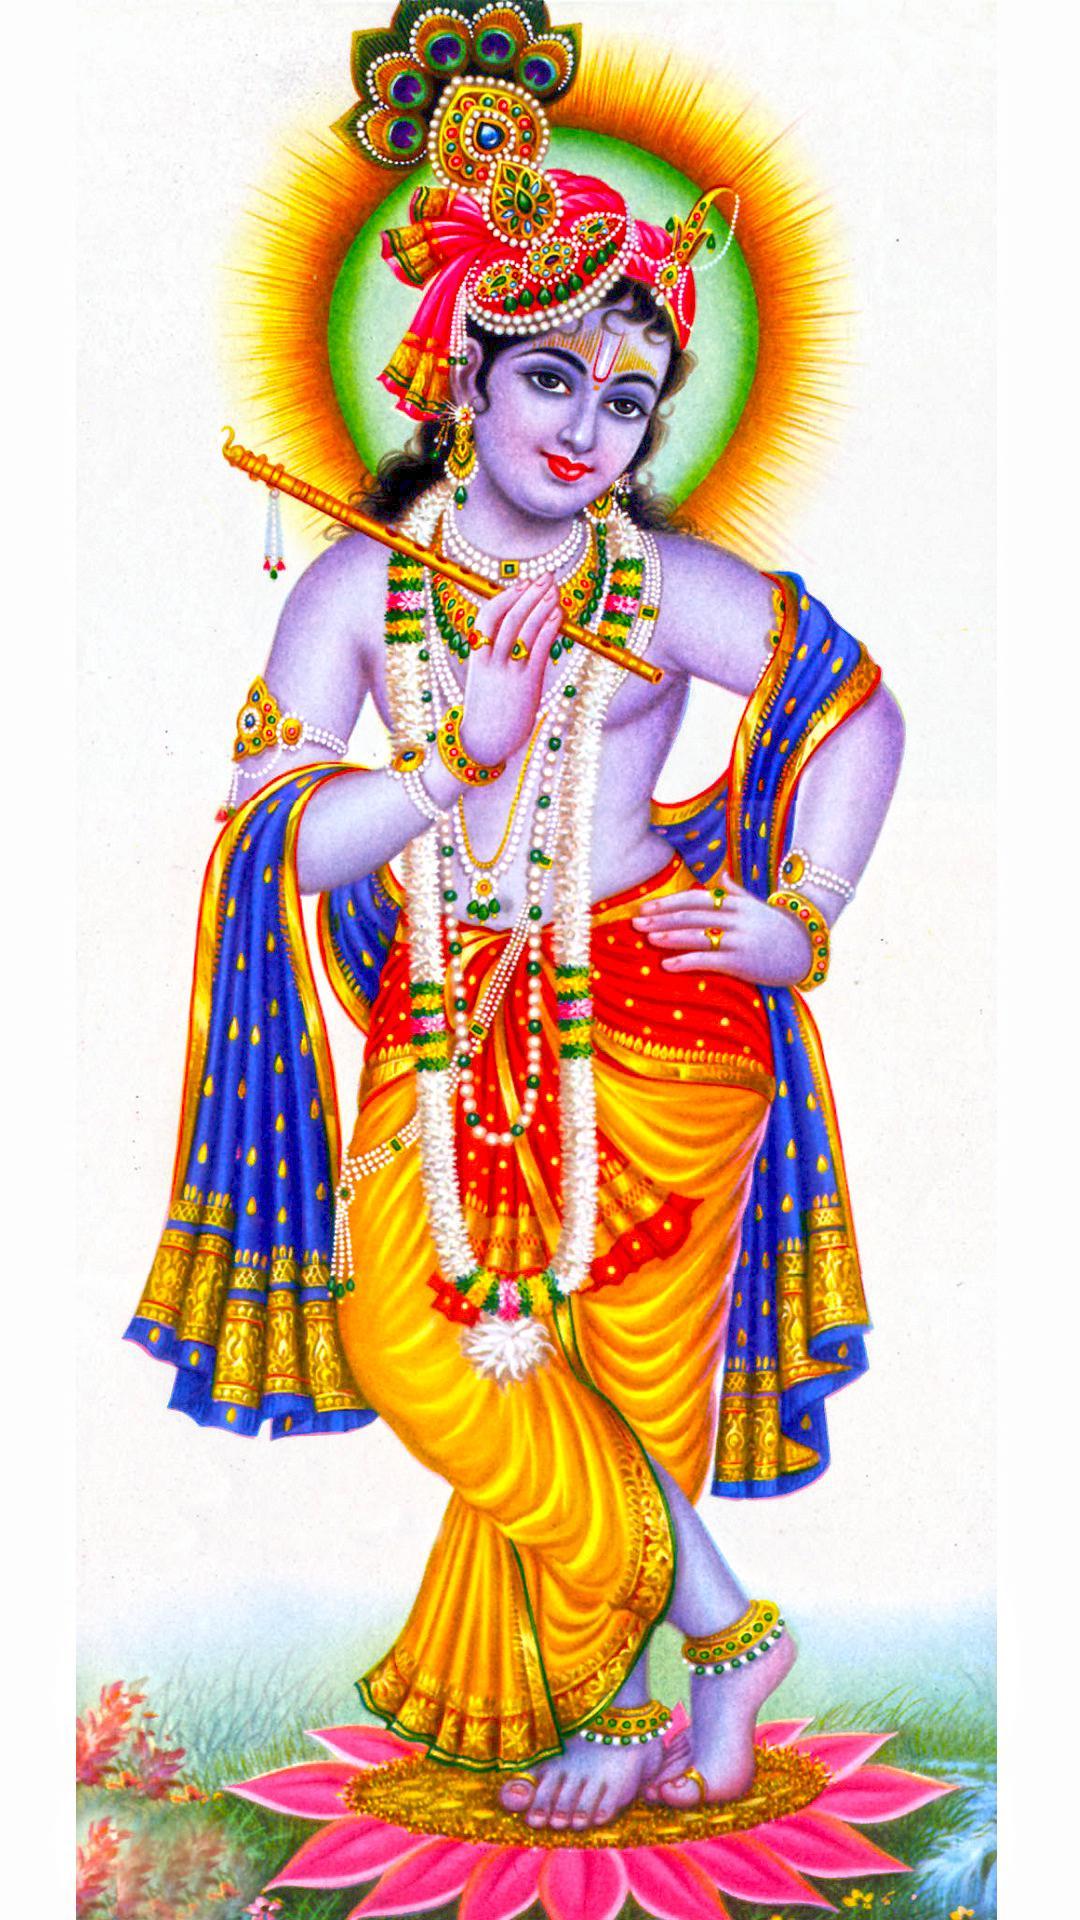 Lord Krishna portrait 1080 X 1920p - New hd wallpaperNew hd wallpaper